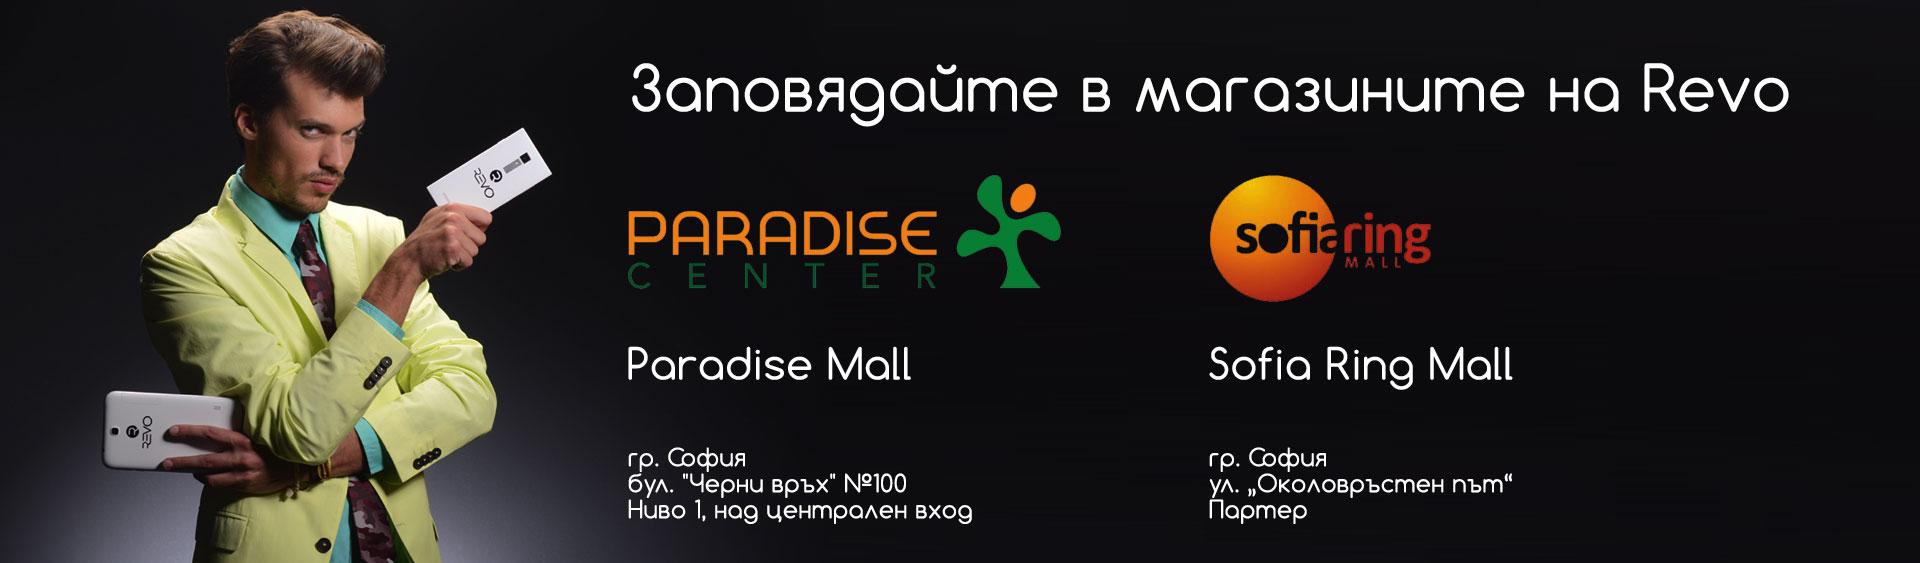 търговски обекти на Revo в Sofia Ring Mall и Paradise Mall